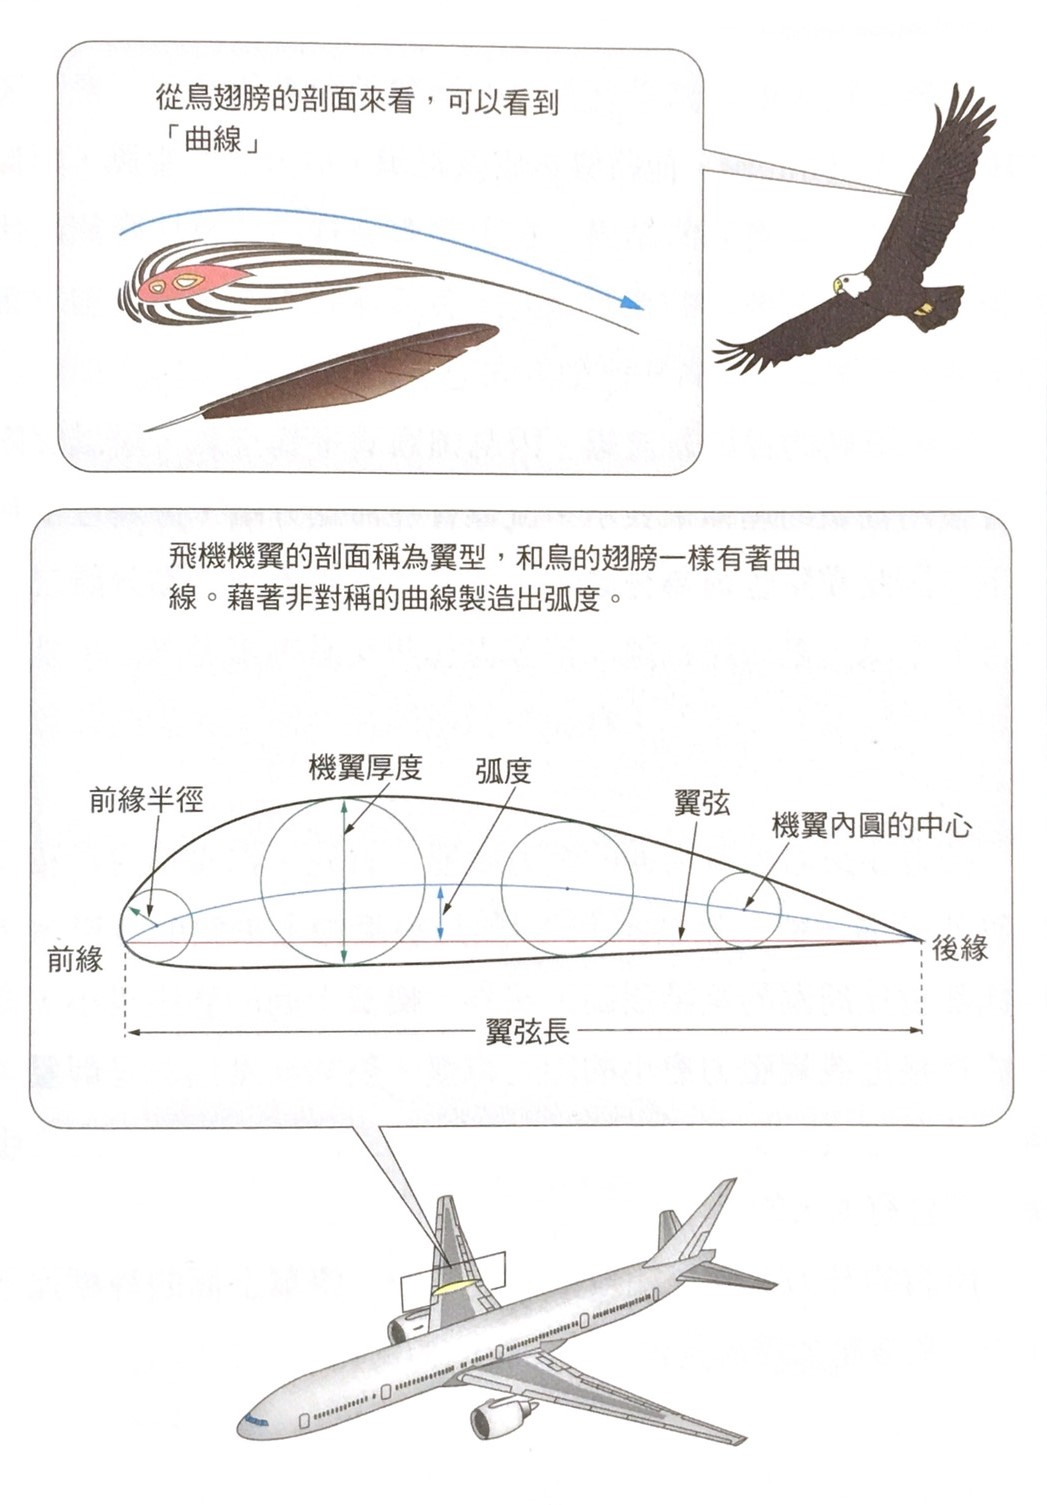 在機翼中畫圓,畫線將圓心連接起來,將「弧度」與「翼弦長」做比對,兩者之間的比例以%表示。